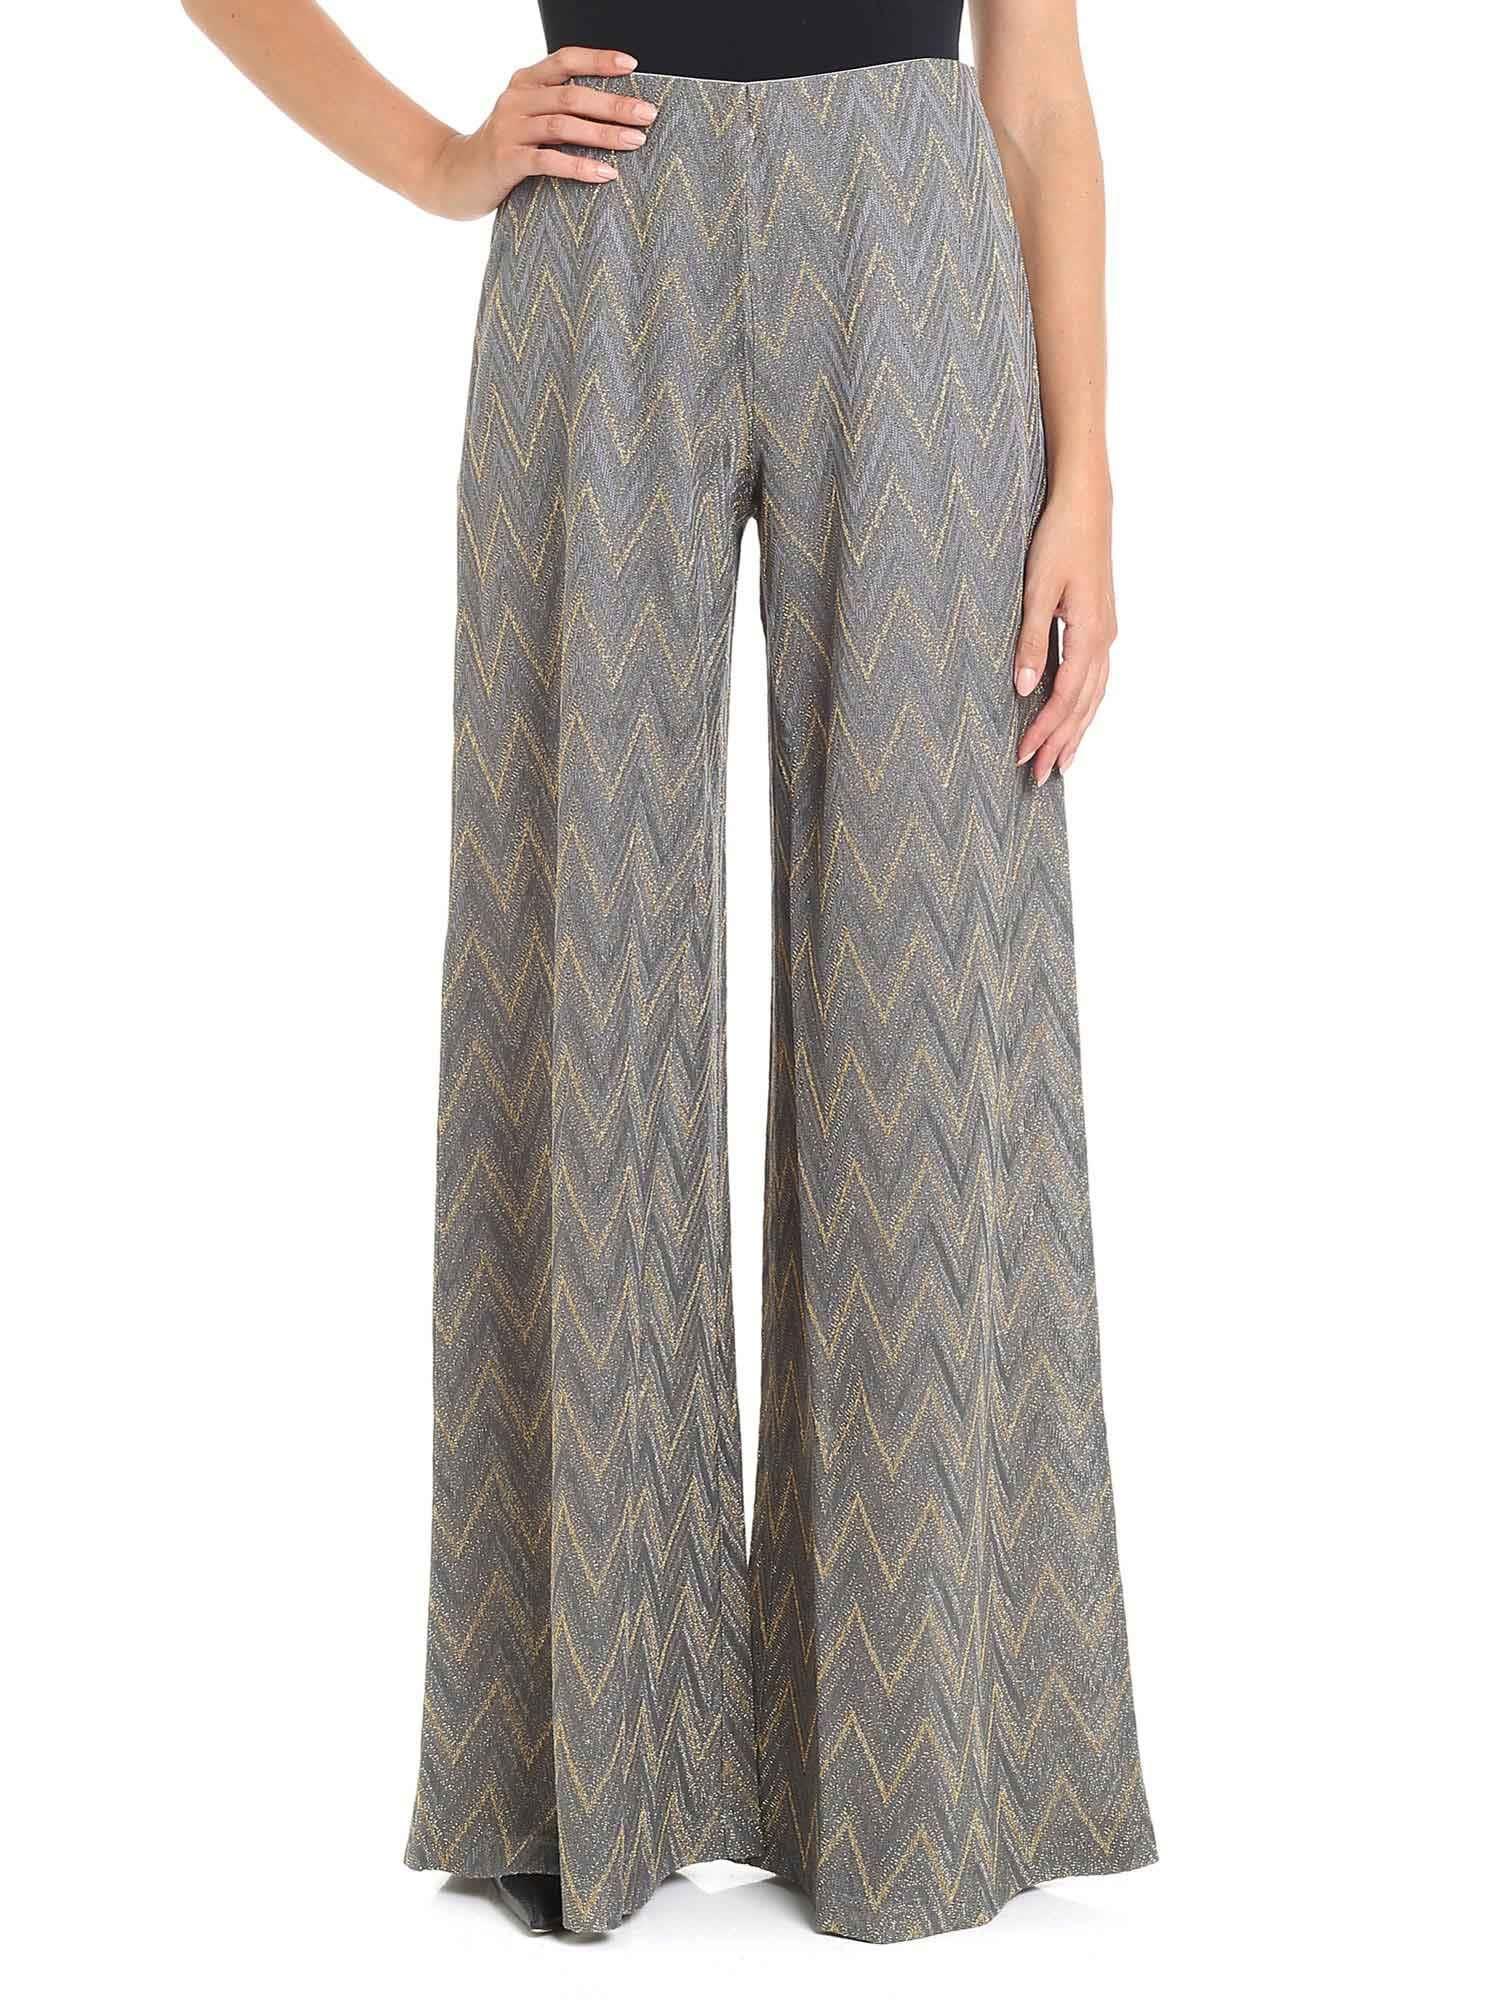 M Missoni Lurex Trousers